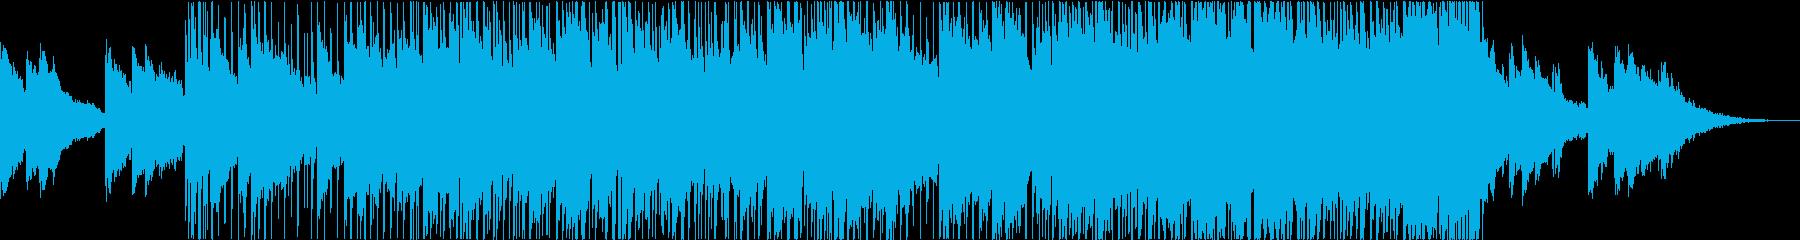 おしゃれでチル・陽気なファンク・ブルースの再生済みの波形